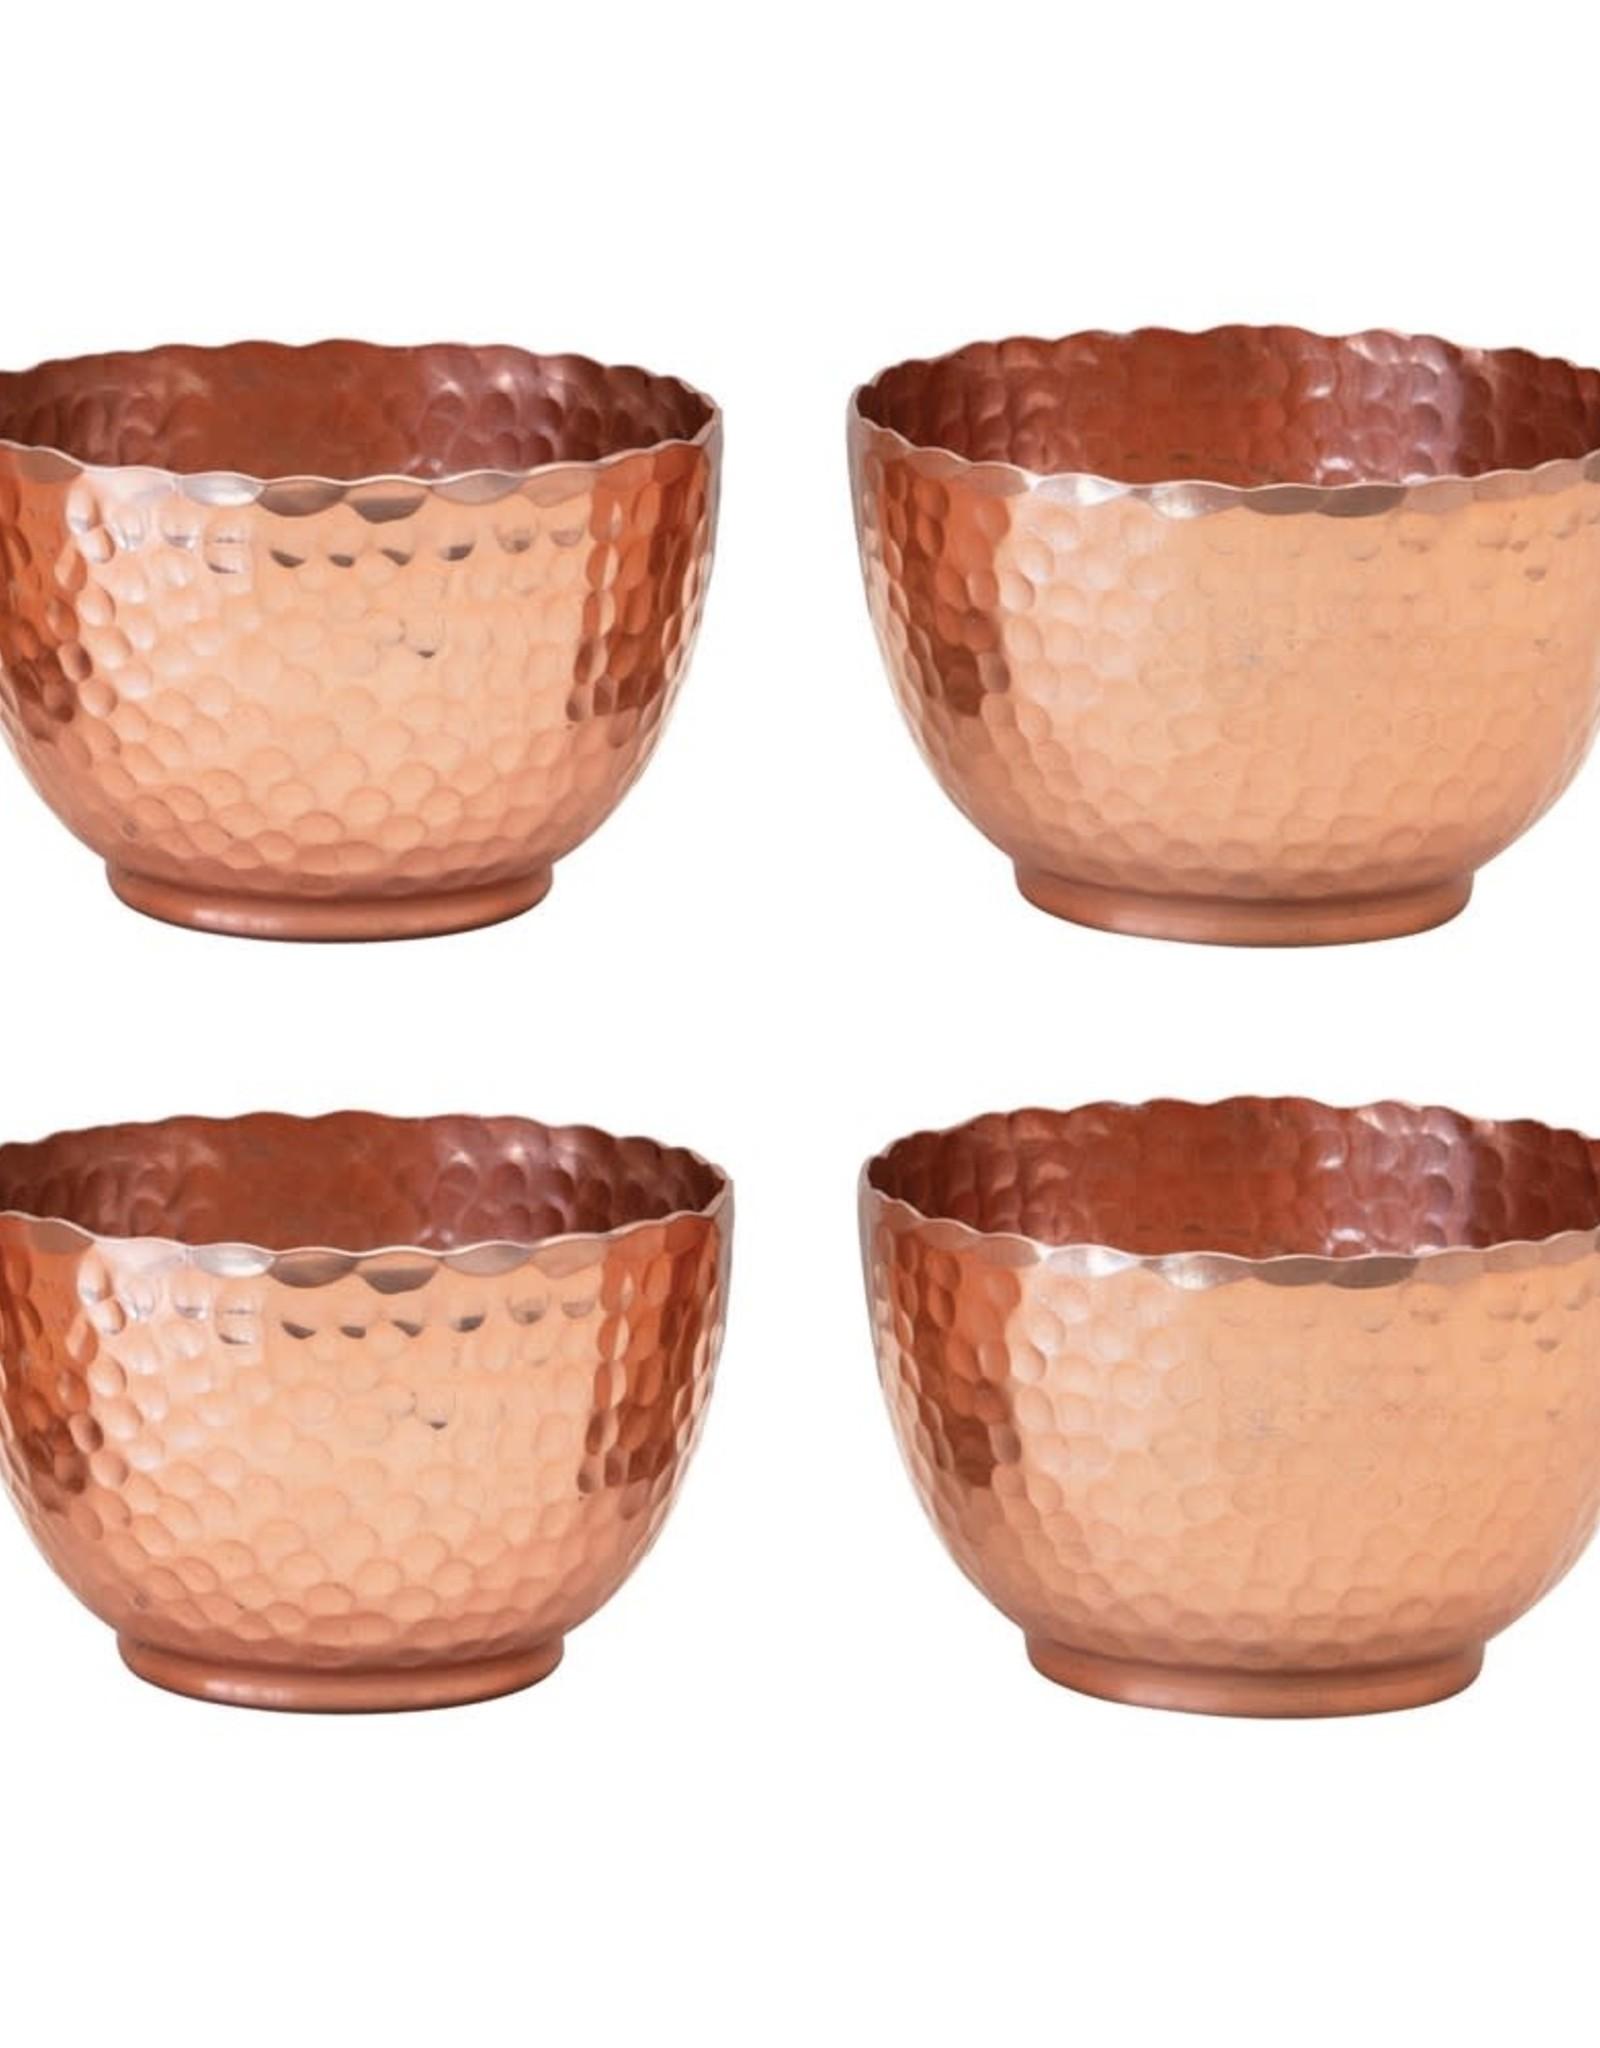 Wink Hammered Copper Bowl Set